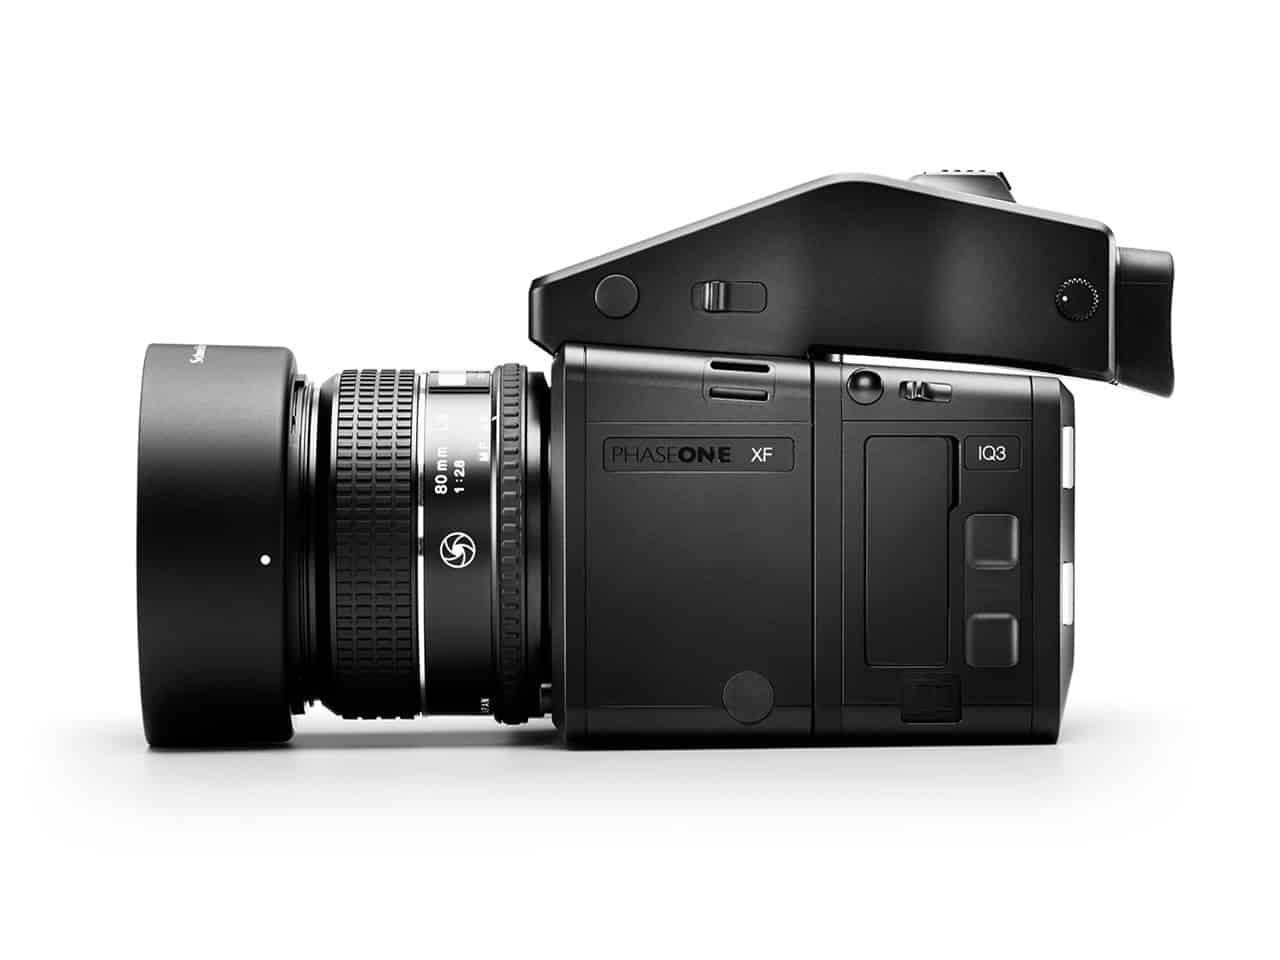 phase-one-xf-camera-3